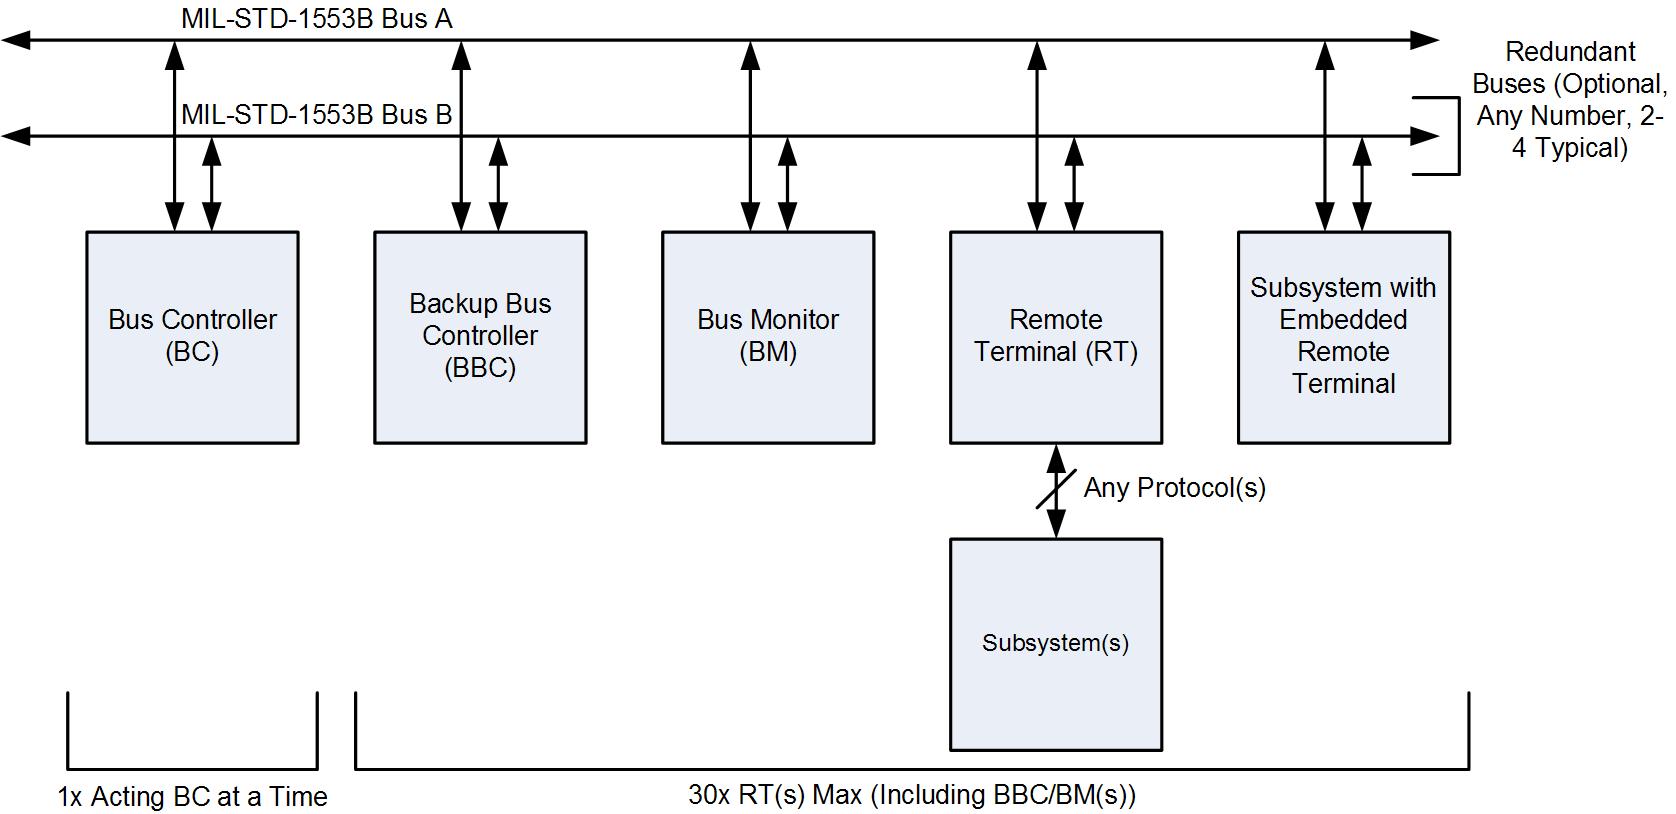 file ms1553b-large-v2 png